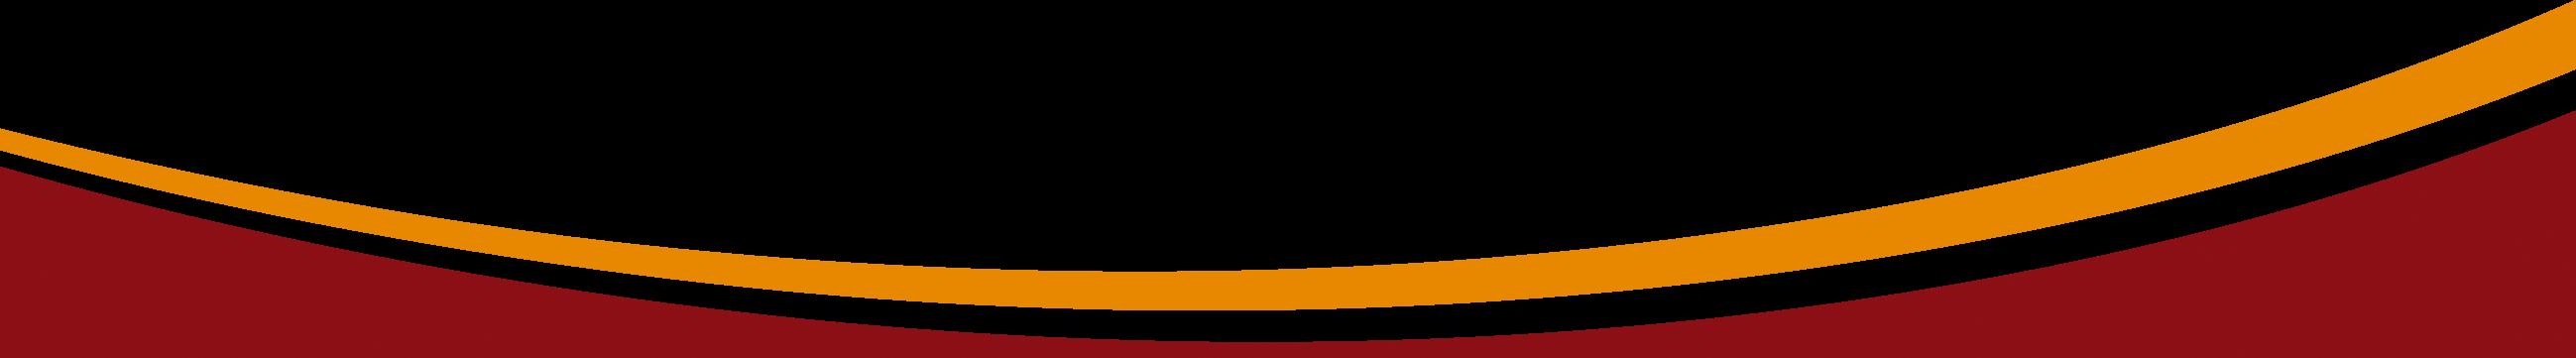 bogen-rot